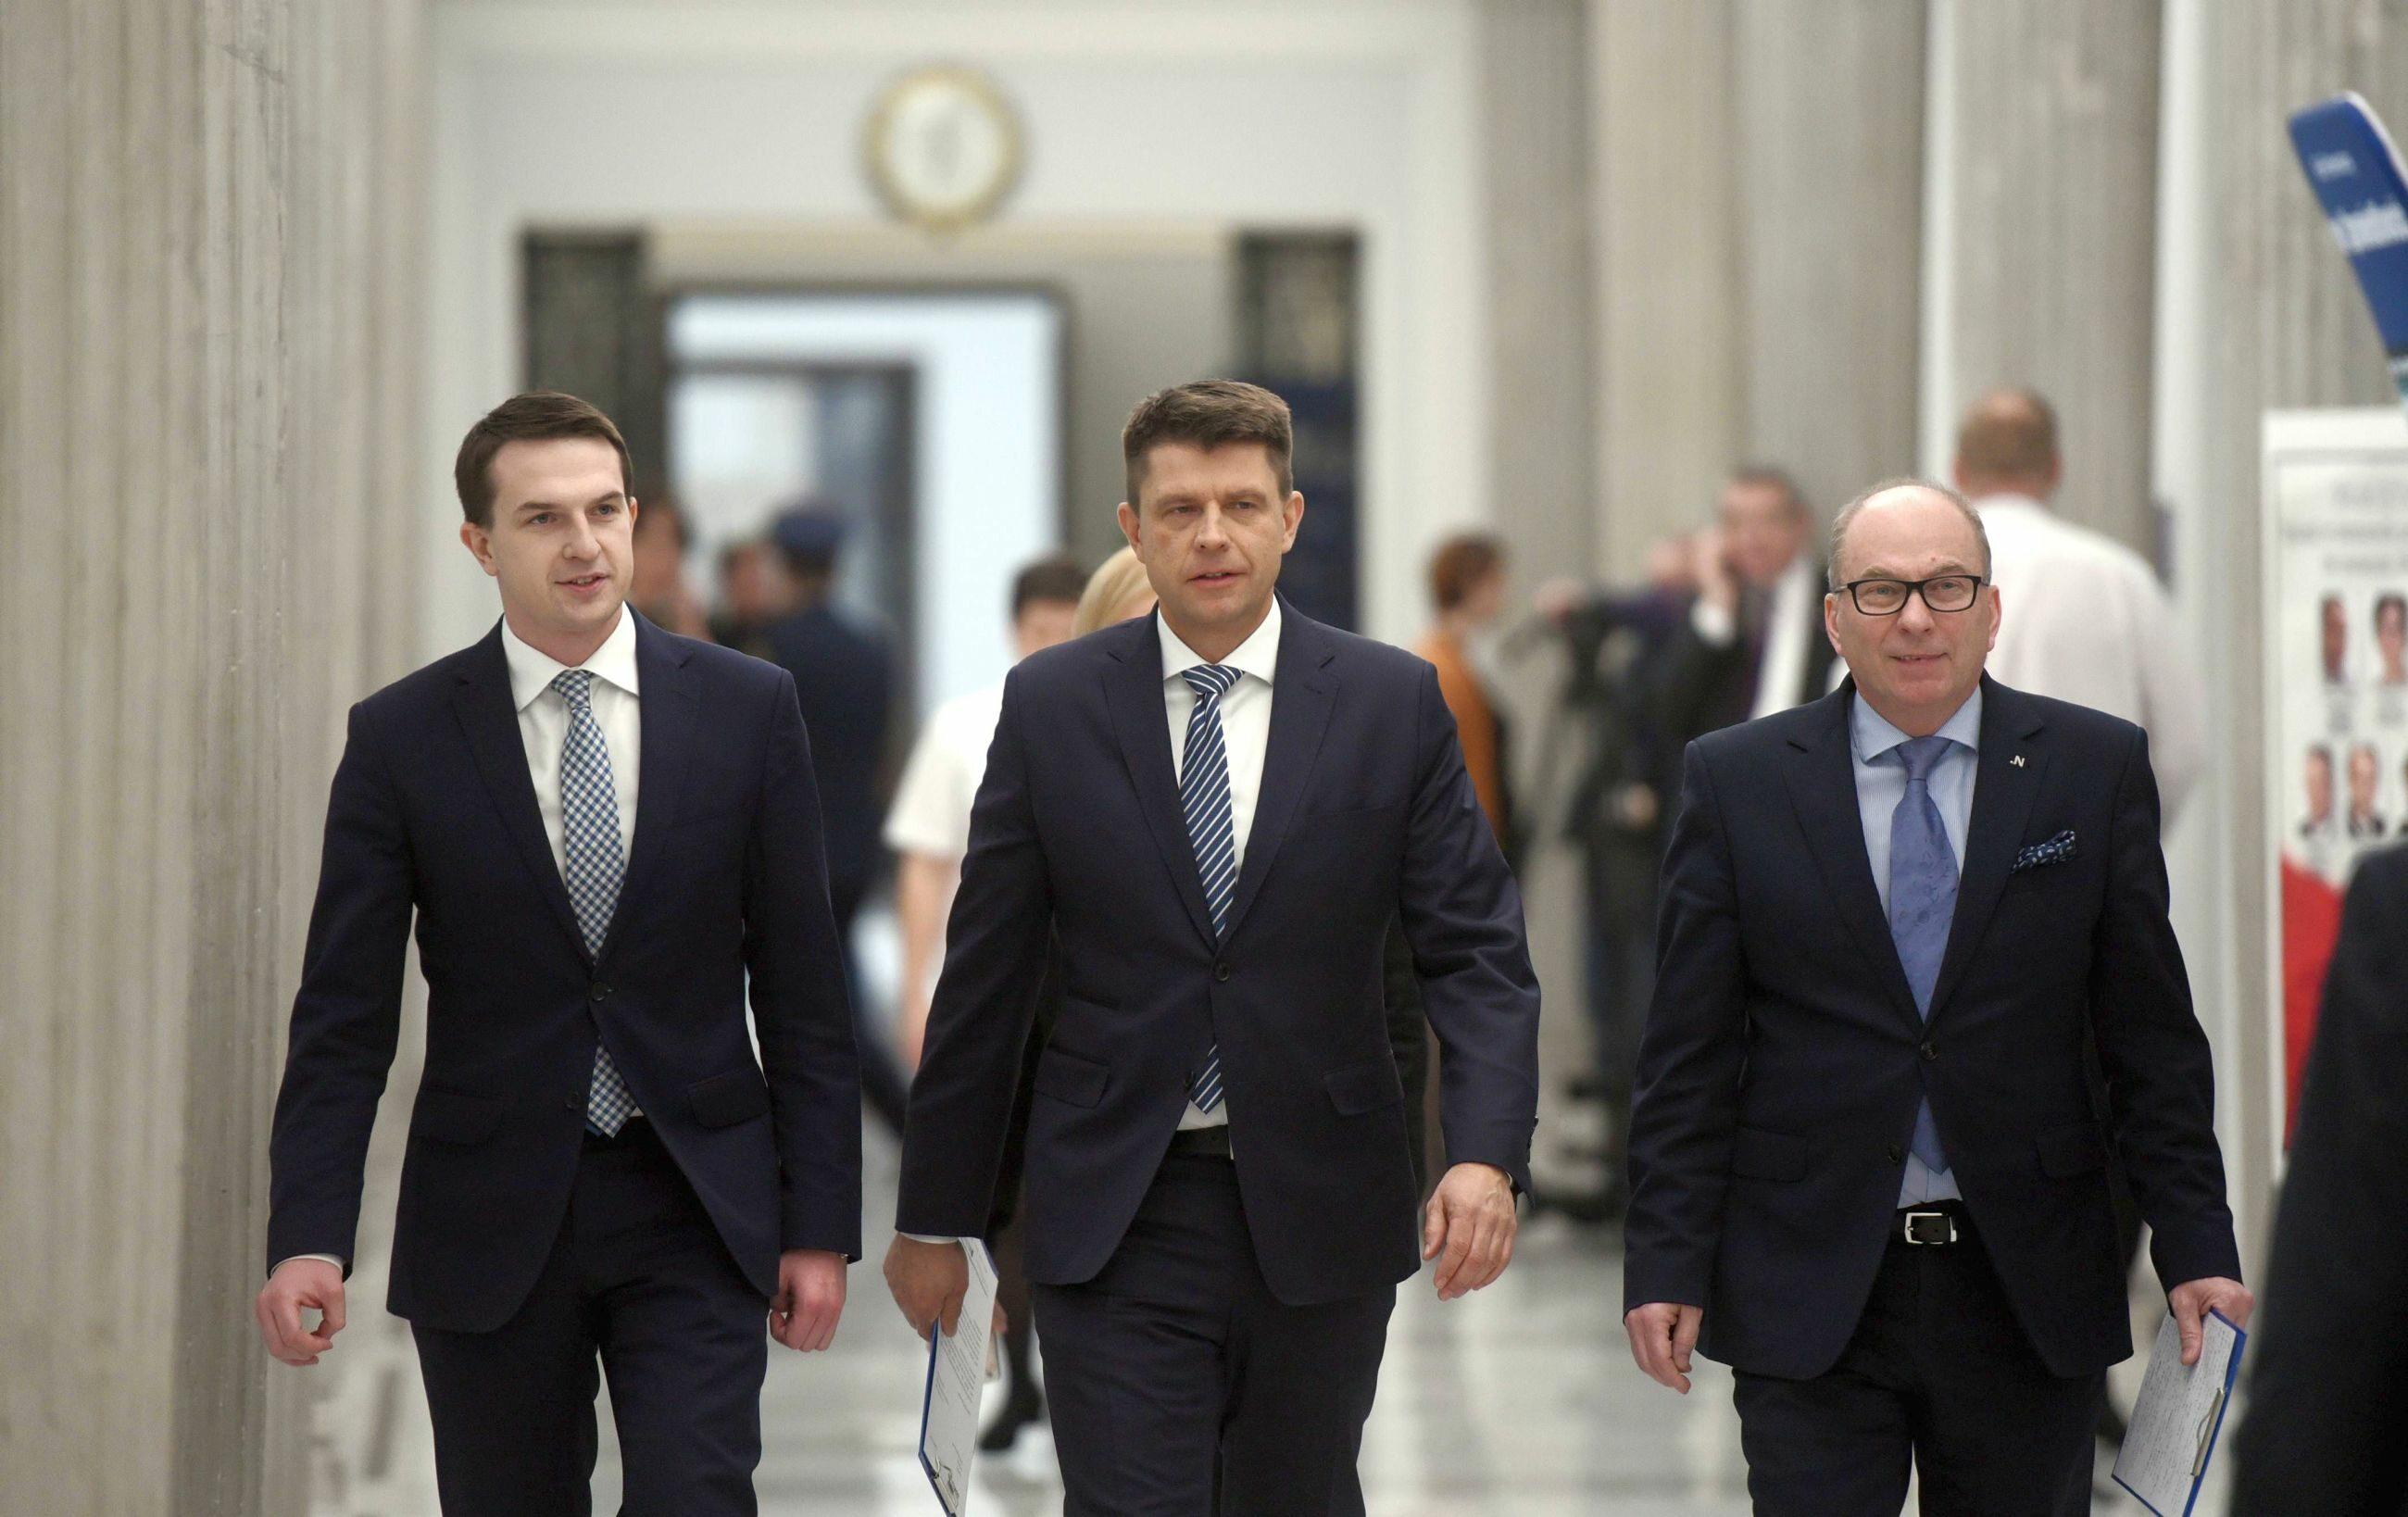 Posłowie Nowoczesnej, od lewej: Paweł Szłapka, Ryszard Petru, Jerzy Meysztowicz